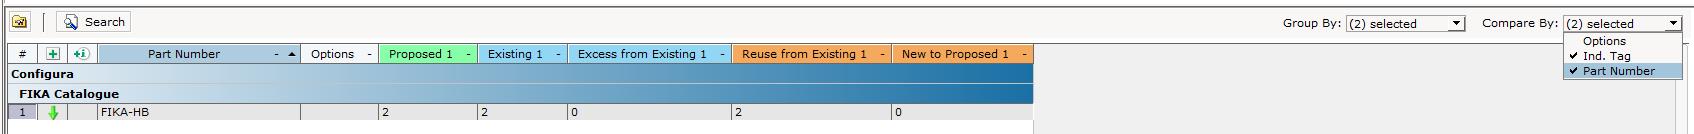 Reconfig_NoOptions.png